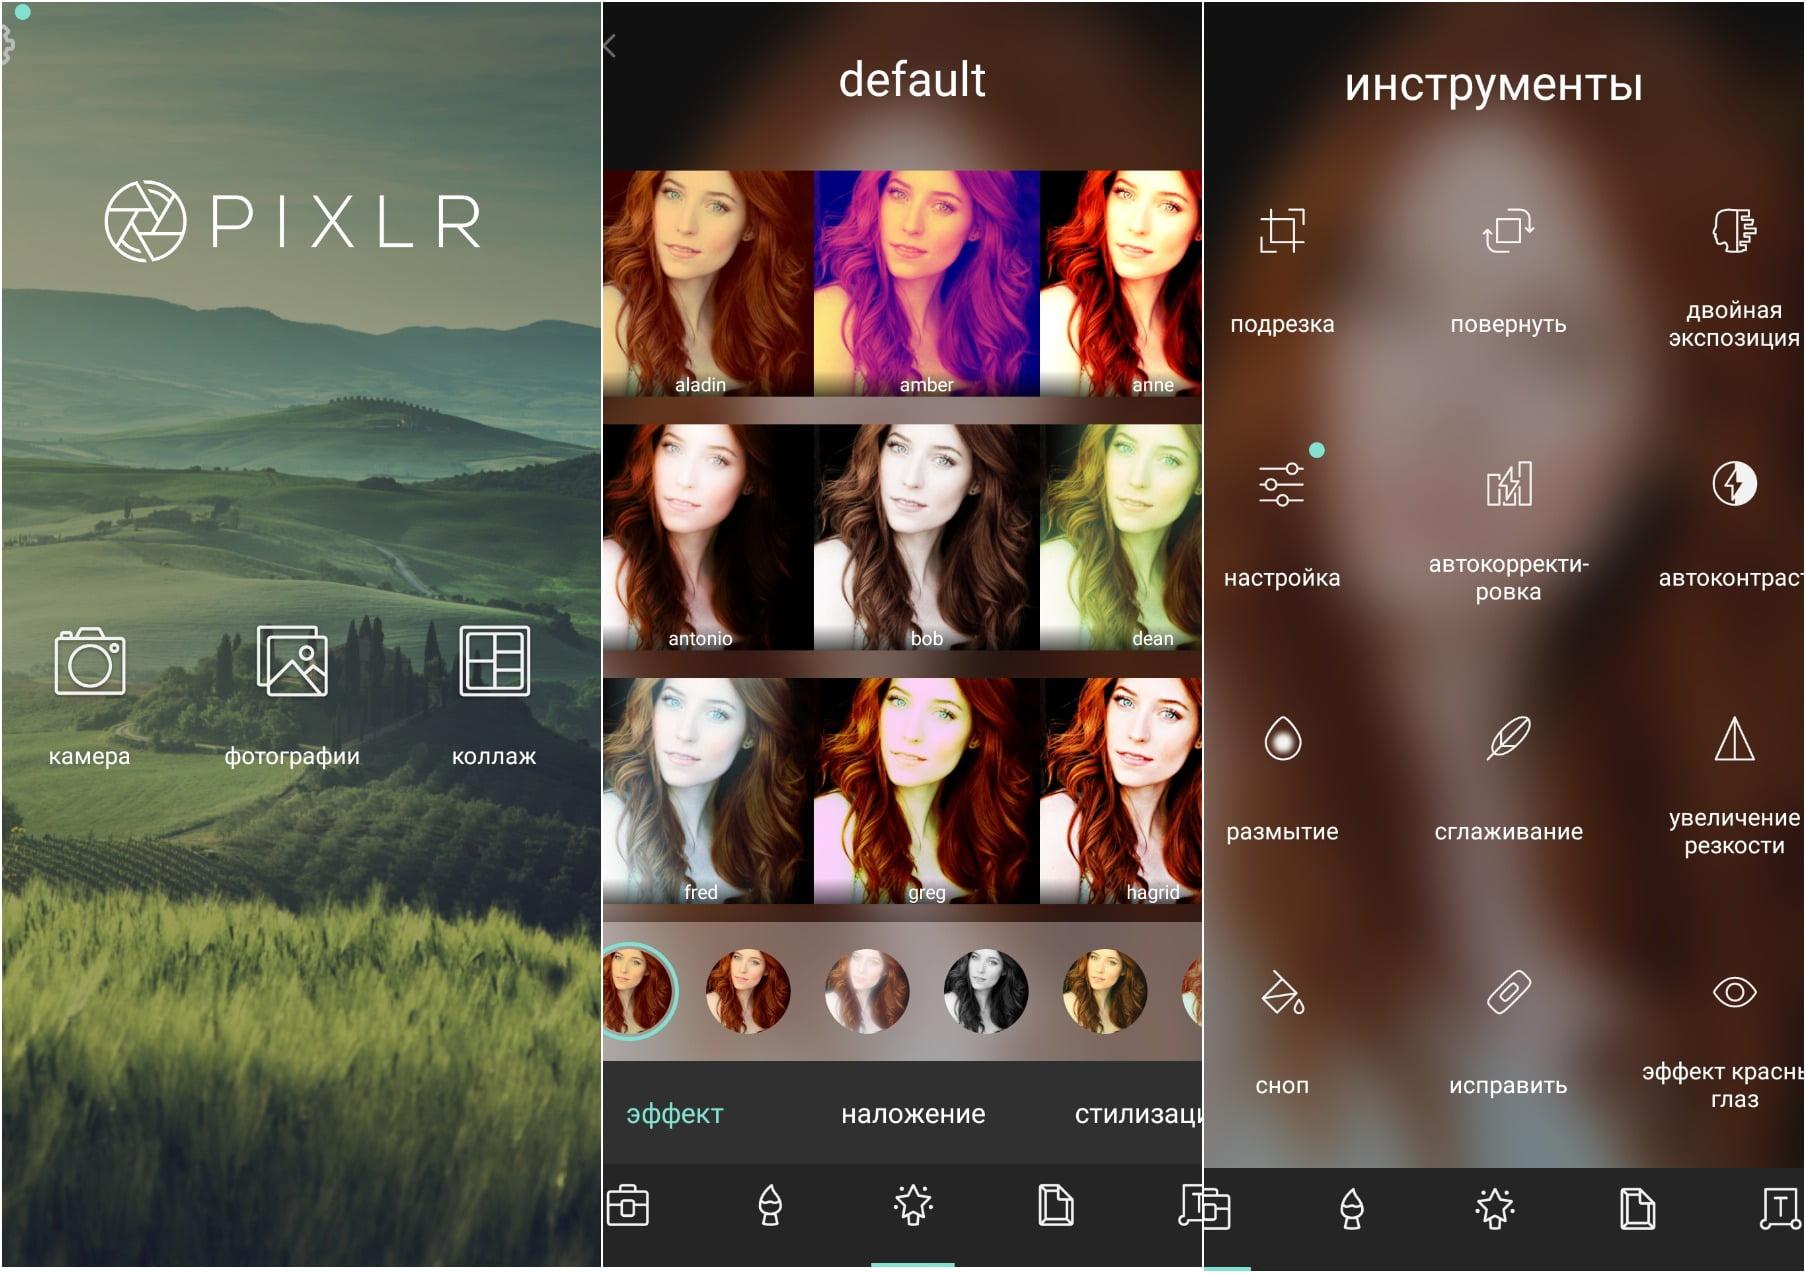 На фото изображено приложение Pixlr